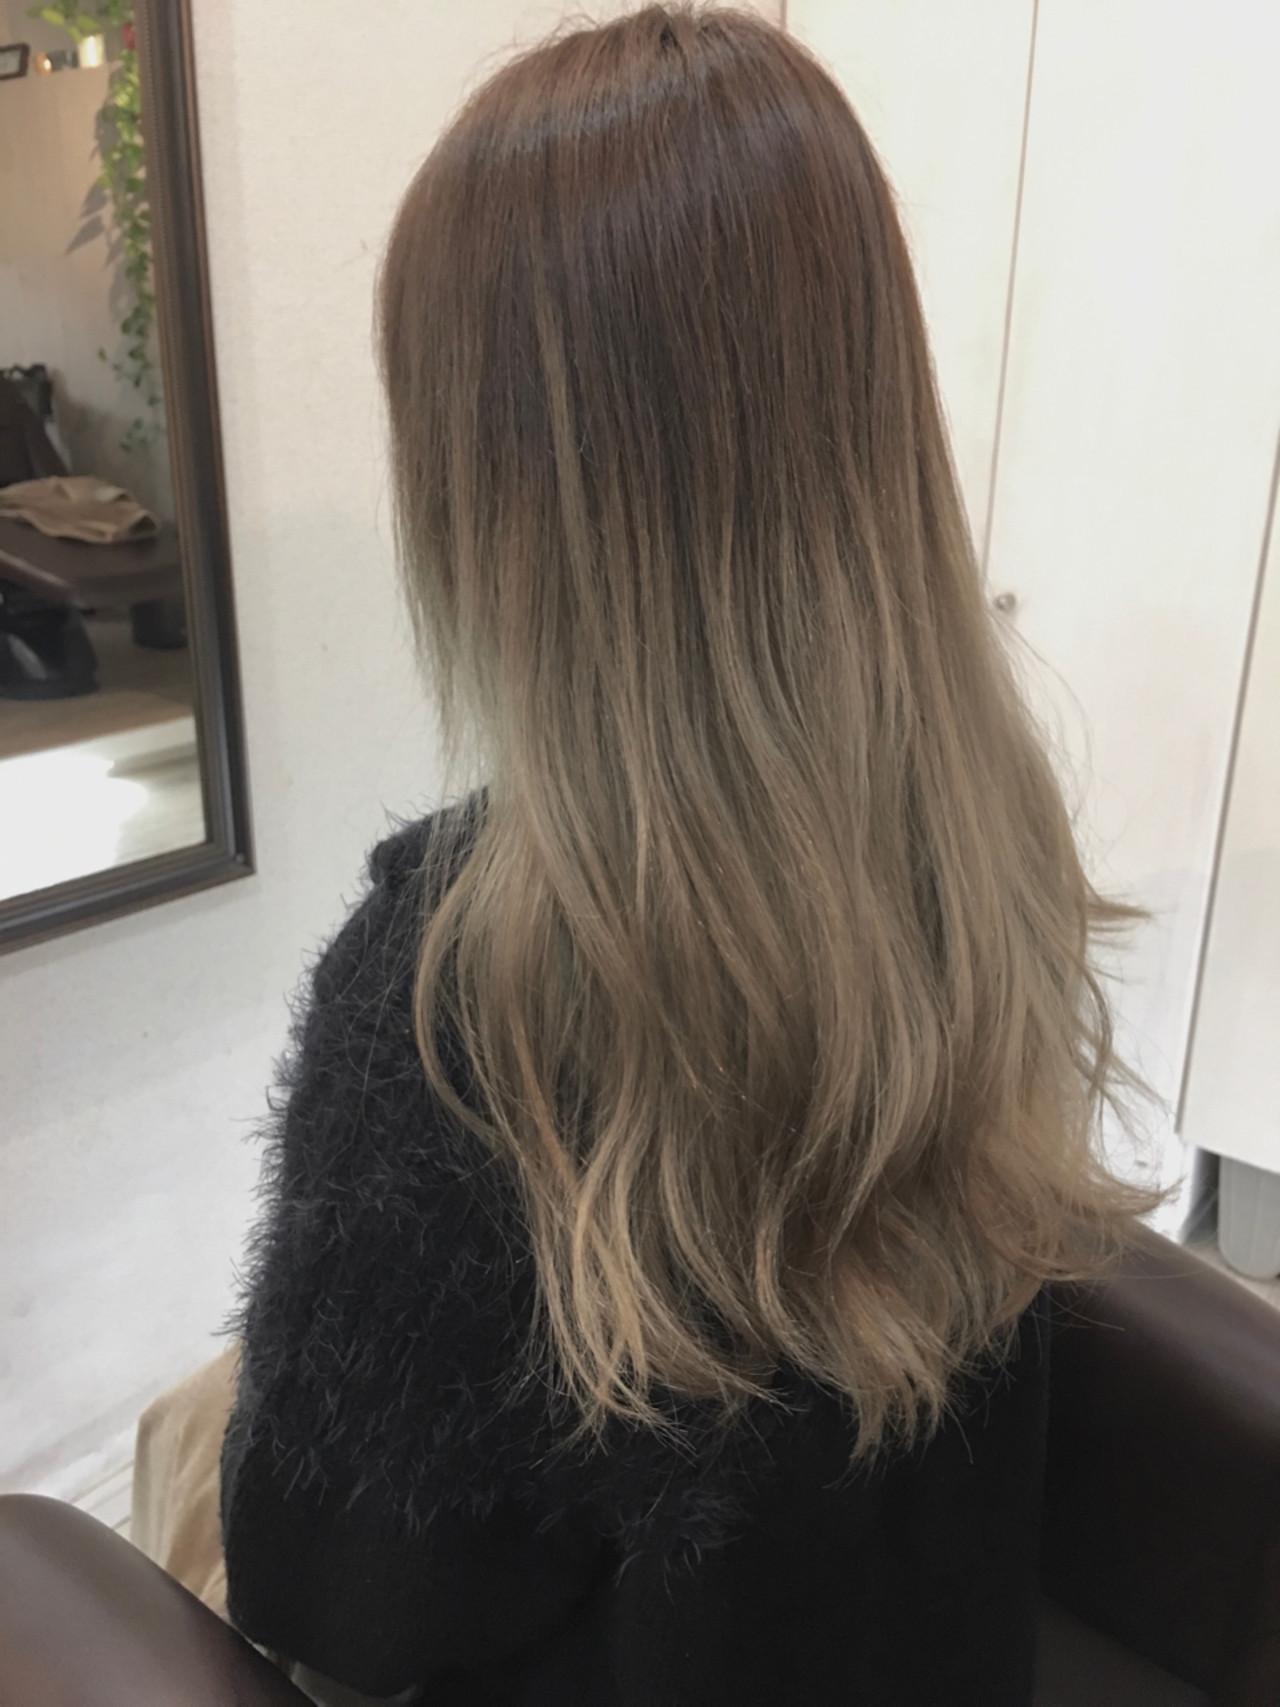 ロングヘアにグラデーションカラーがおすすめのワケ サグチ ユウタ | HAIR LUZ